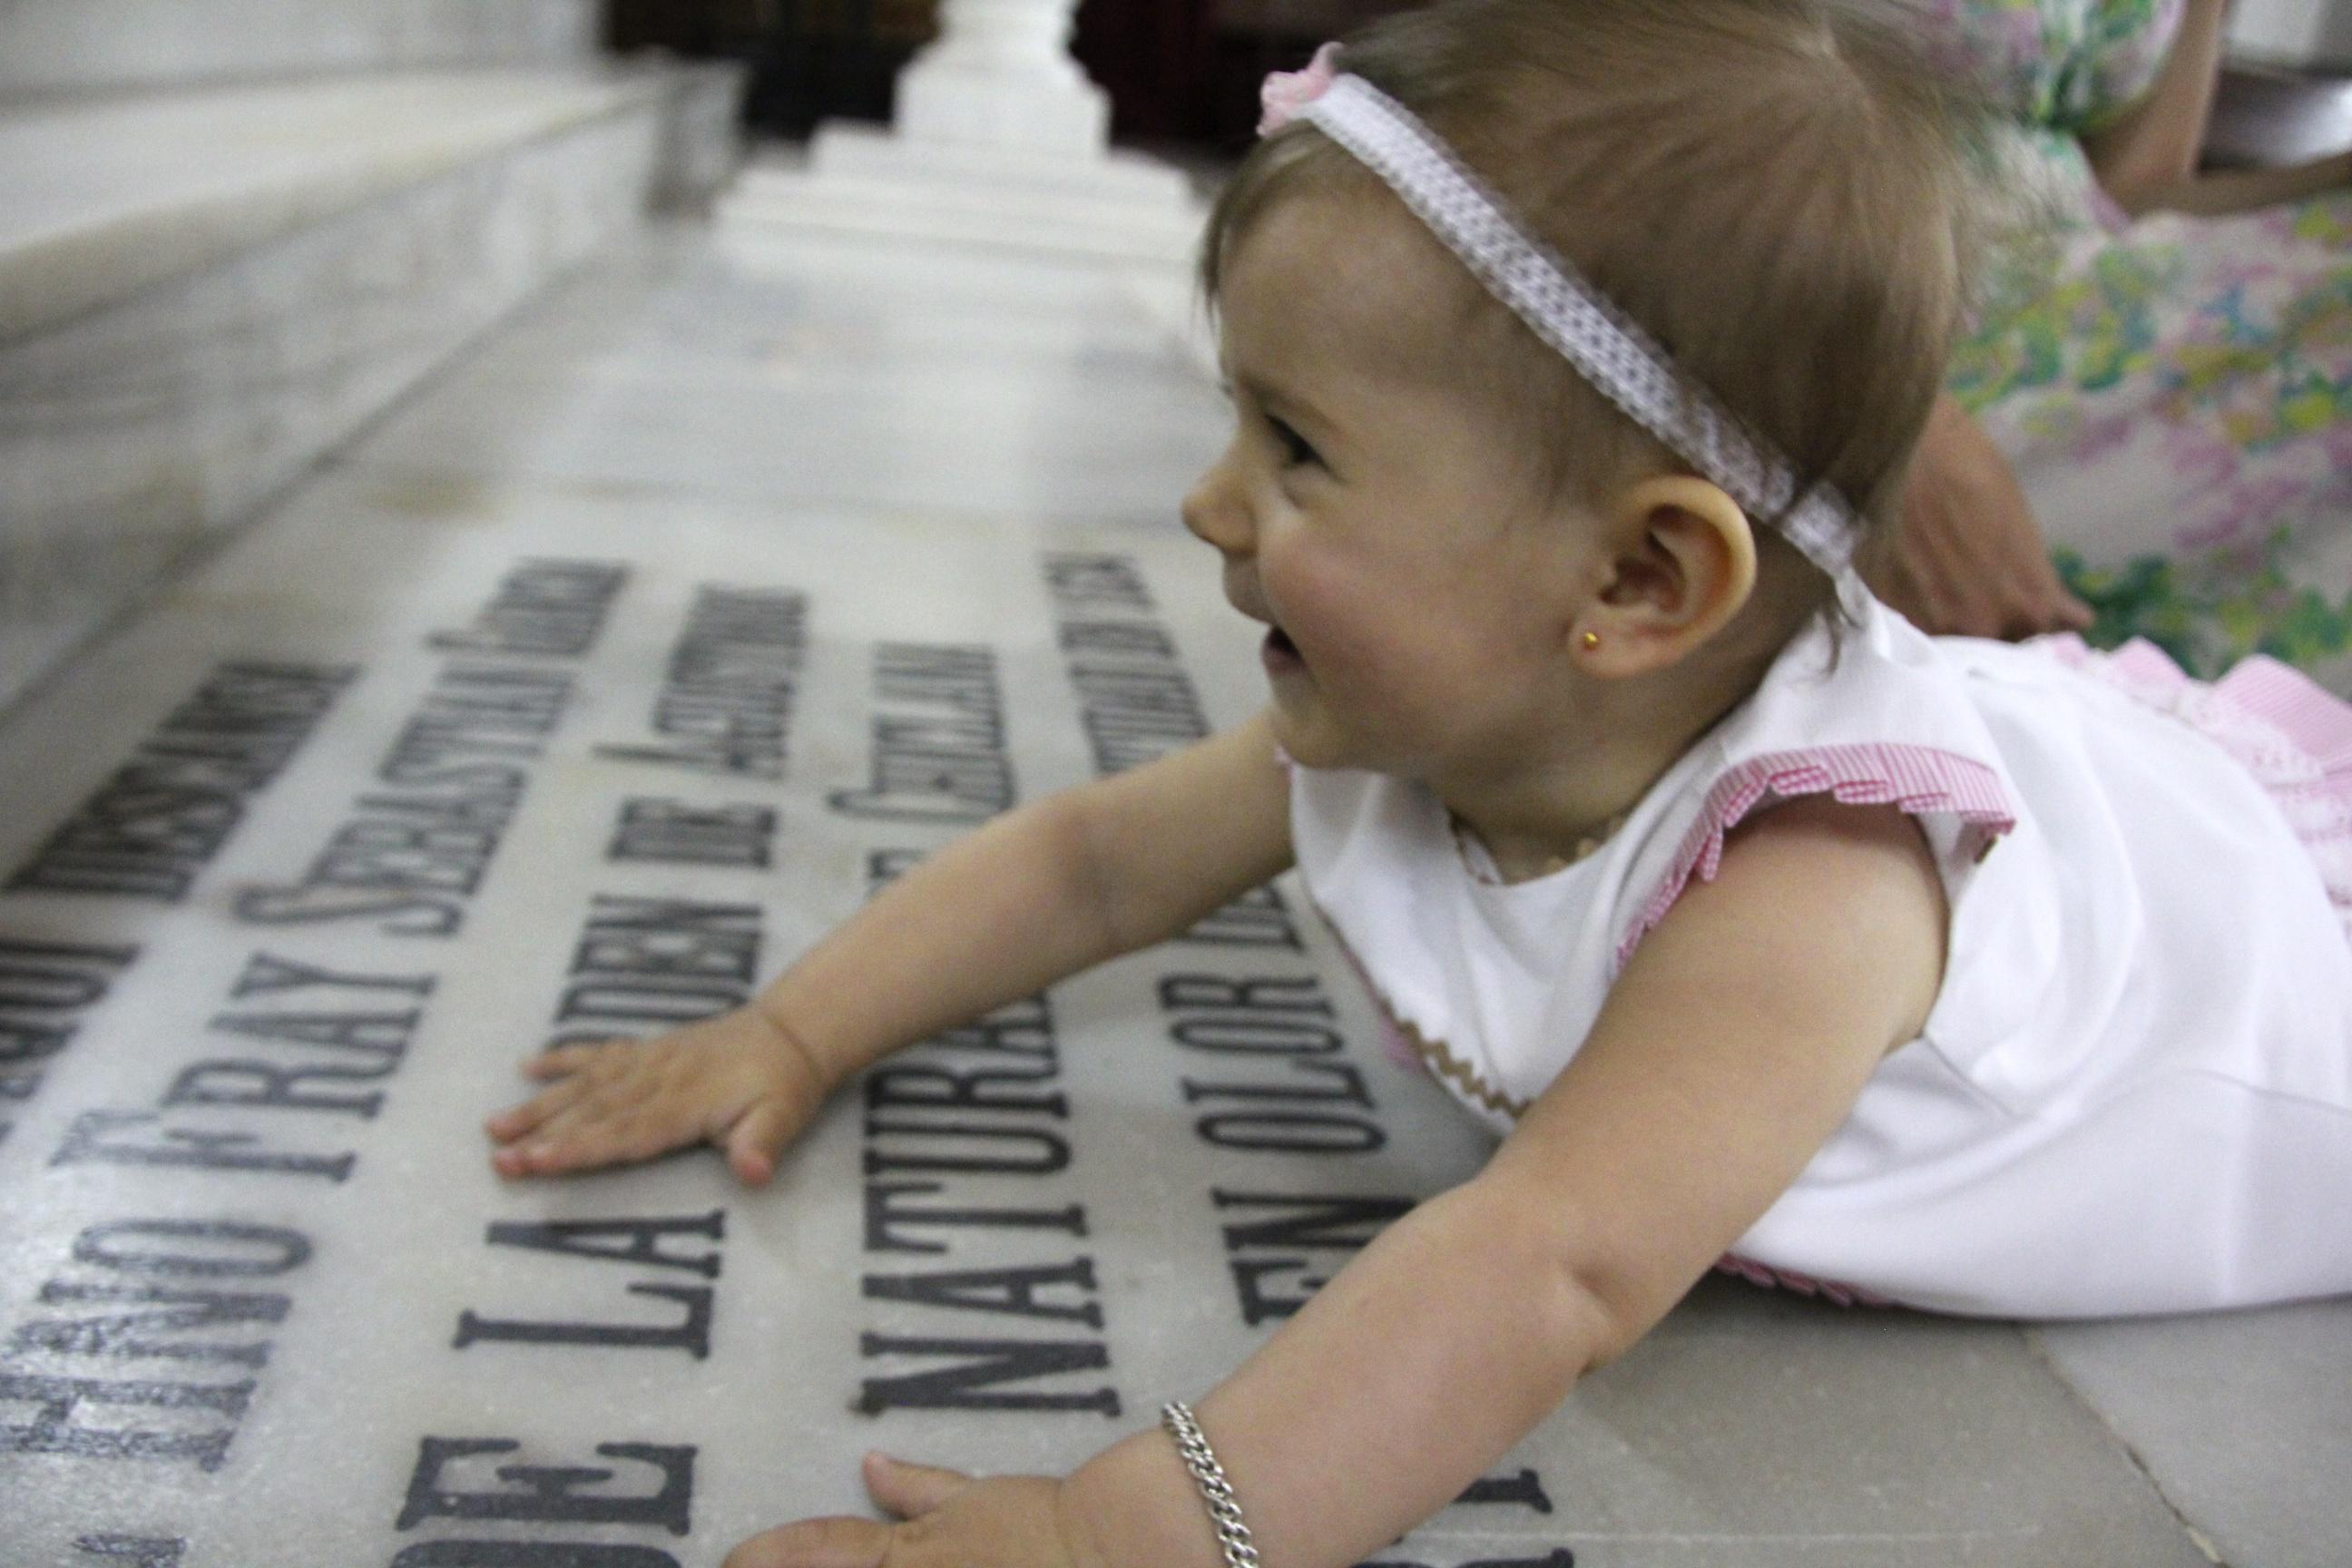 Tyttäremme olisi mielellään ottanut koko kirkon haltuunsa lattiatasosta.